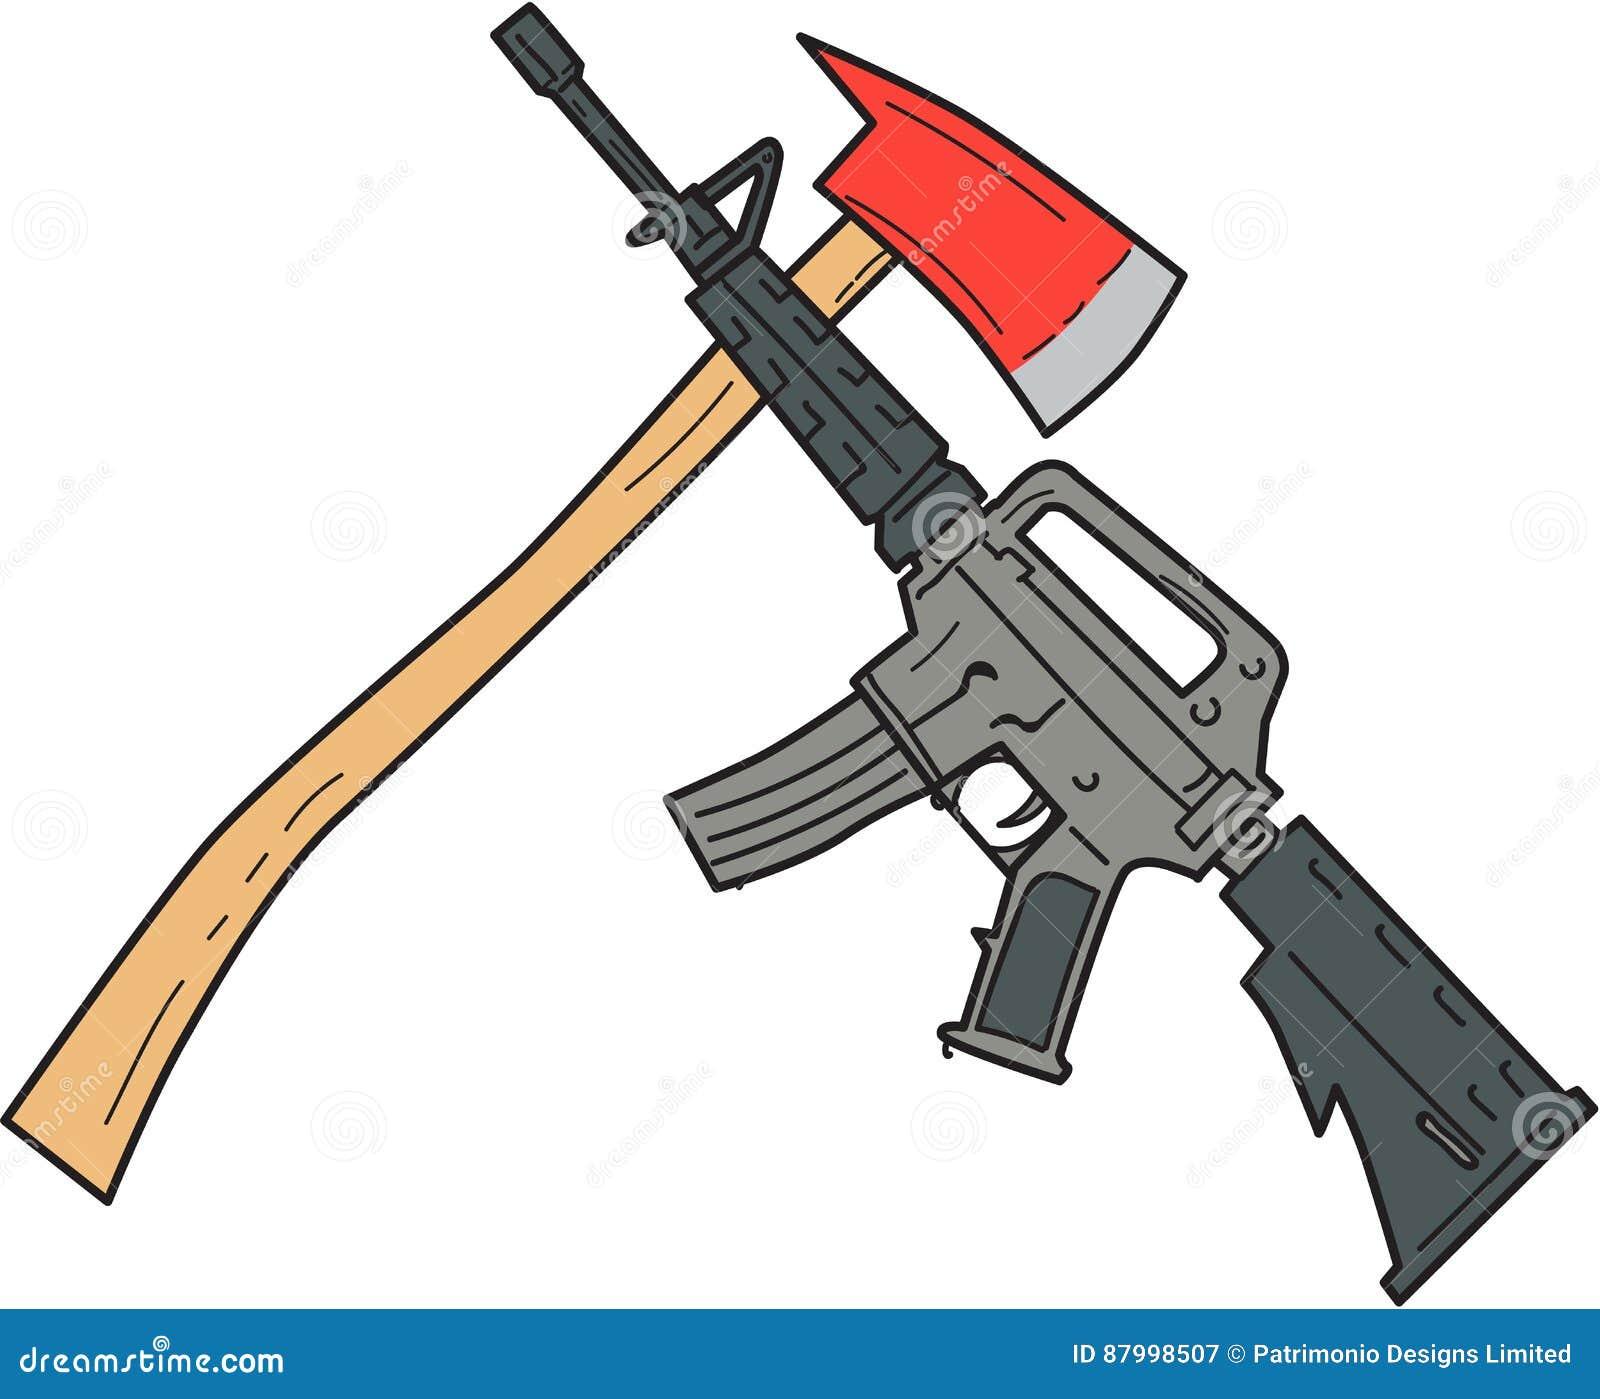 Fire carbines: description, photo